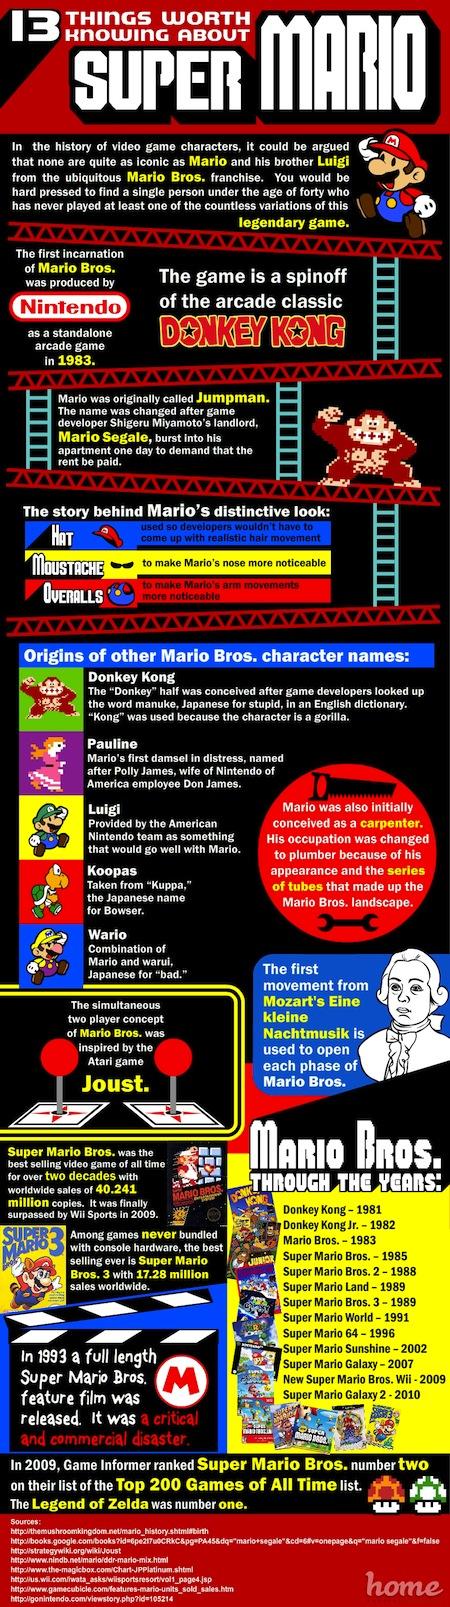 Algunas cosas que debes saber sobre Super Mario [Infografía] - cosas-acerca-de-mario-bros